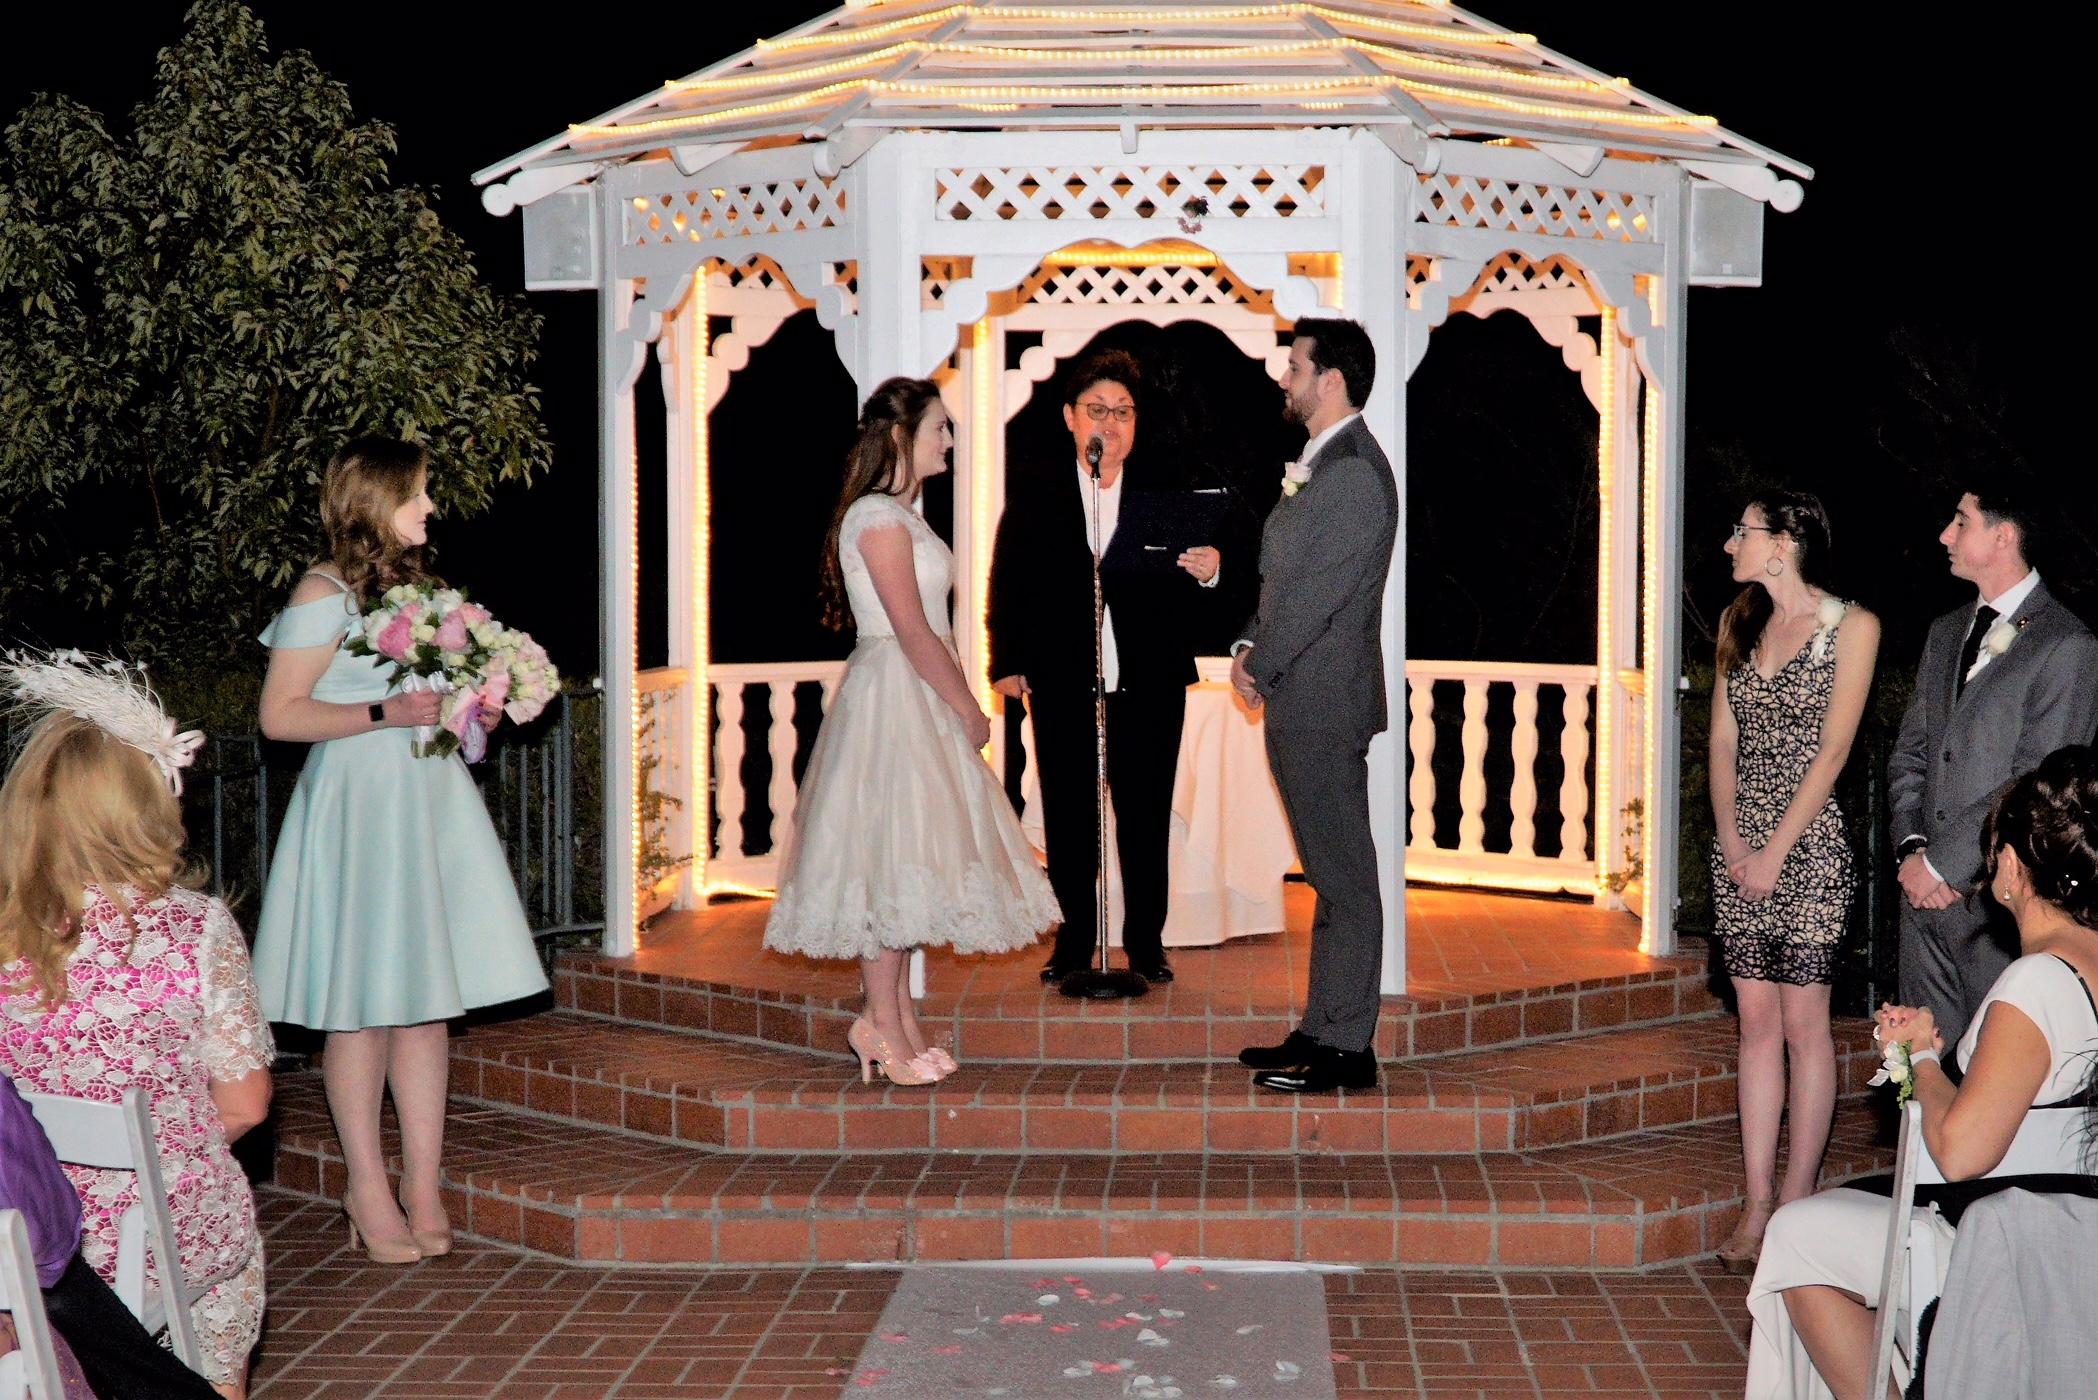 Los Angeles Wedding Officiant Leticia